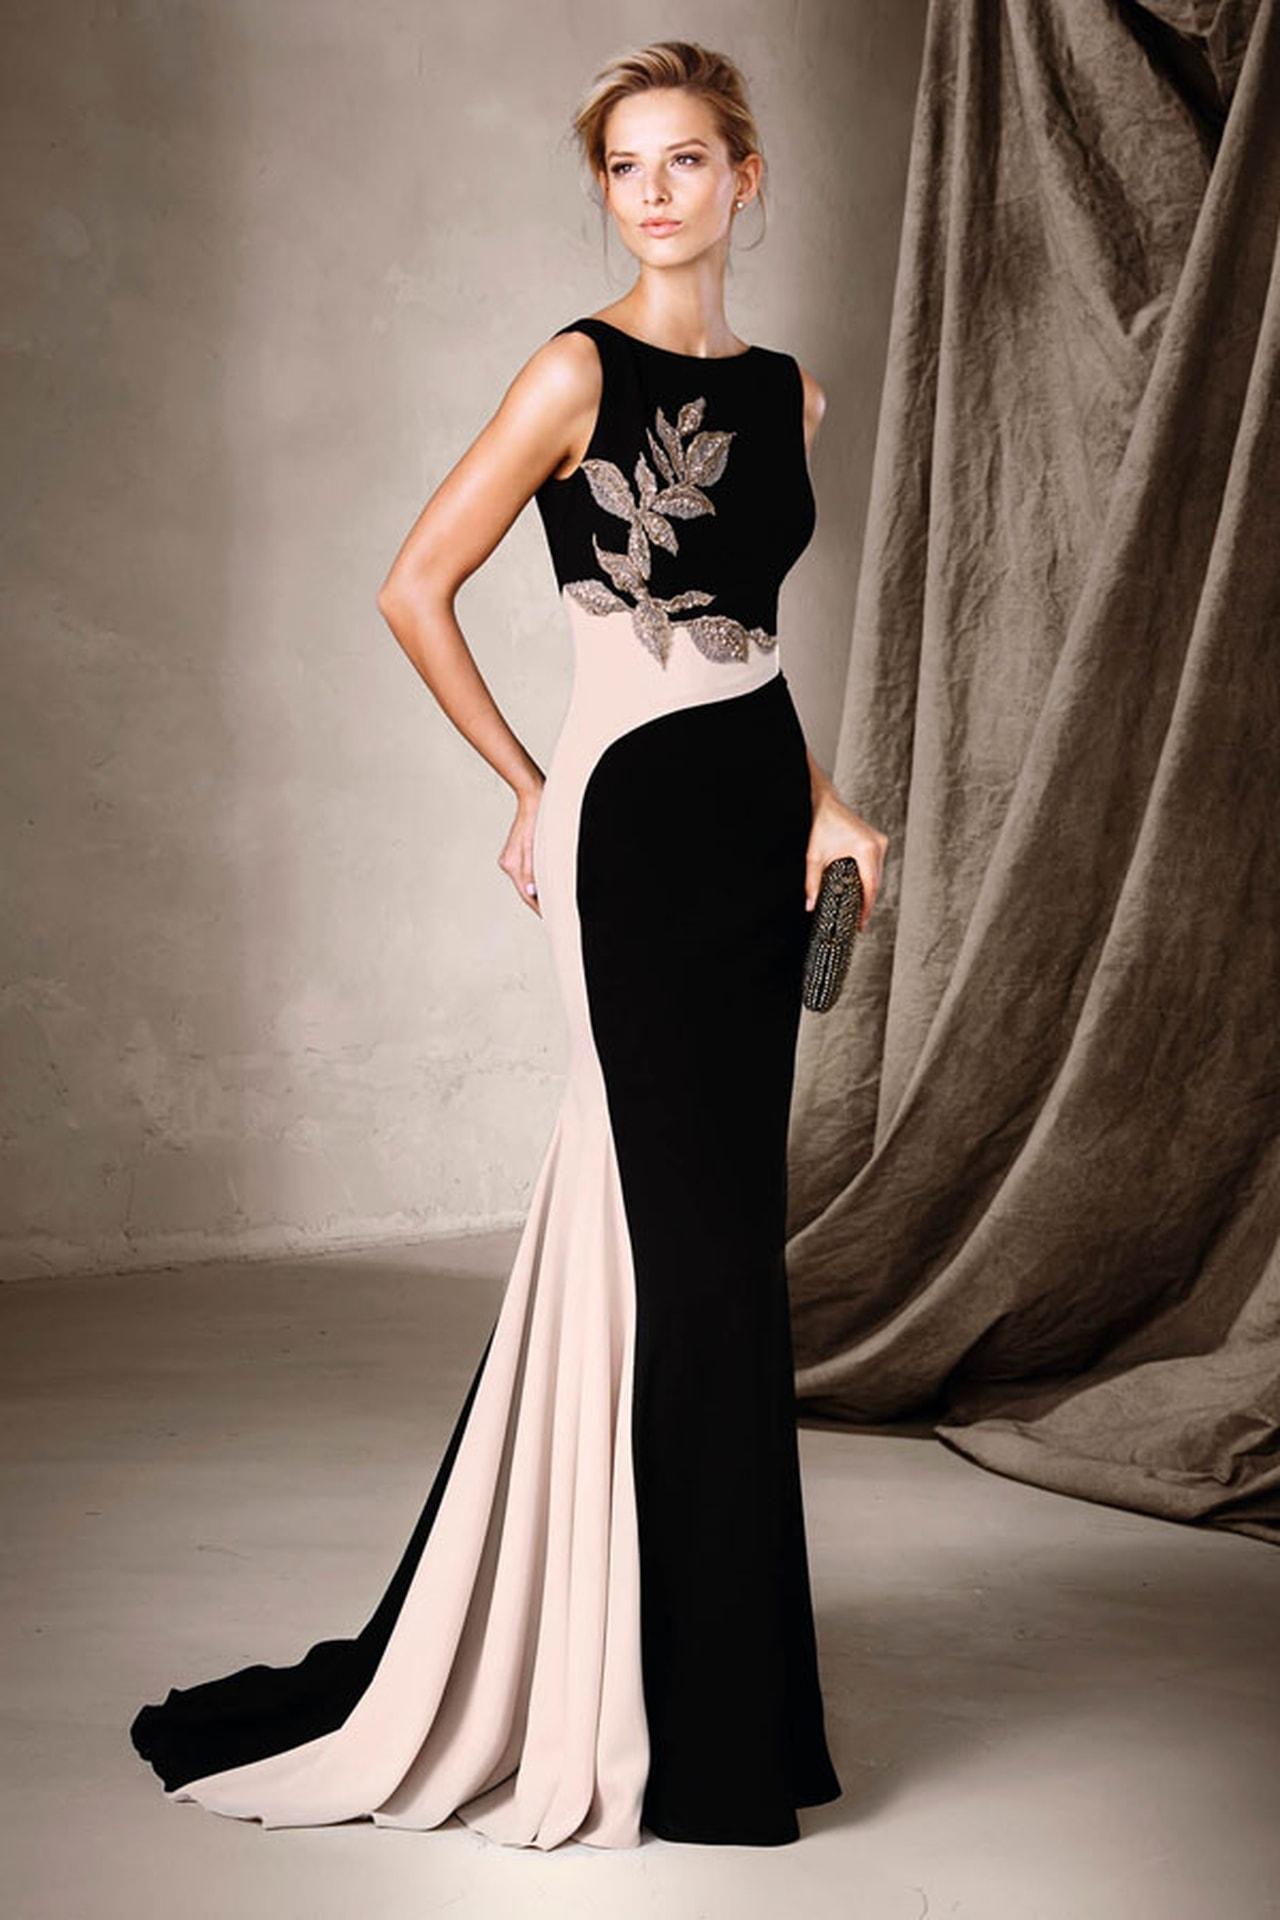 بالصور احدث موديلات الفساتين , صيحات الموضه في الفساتين 3132 10